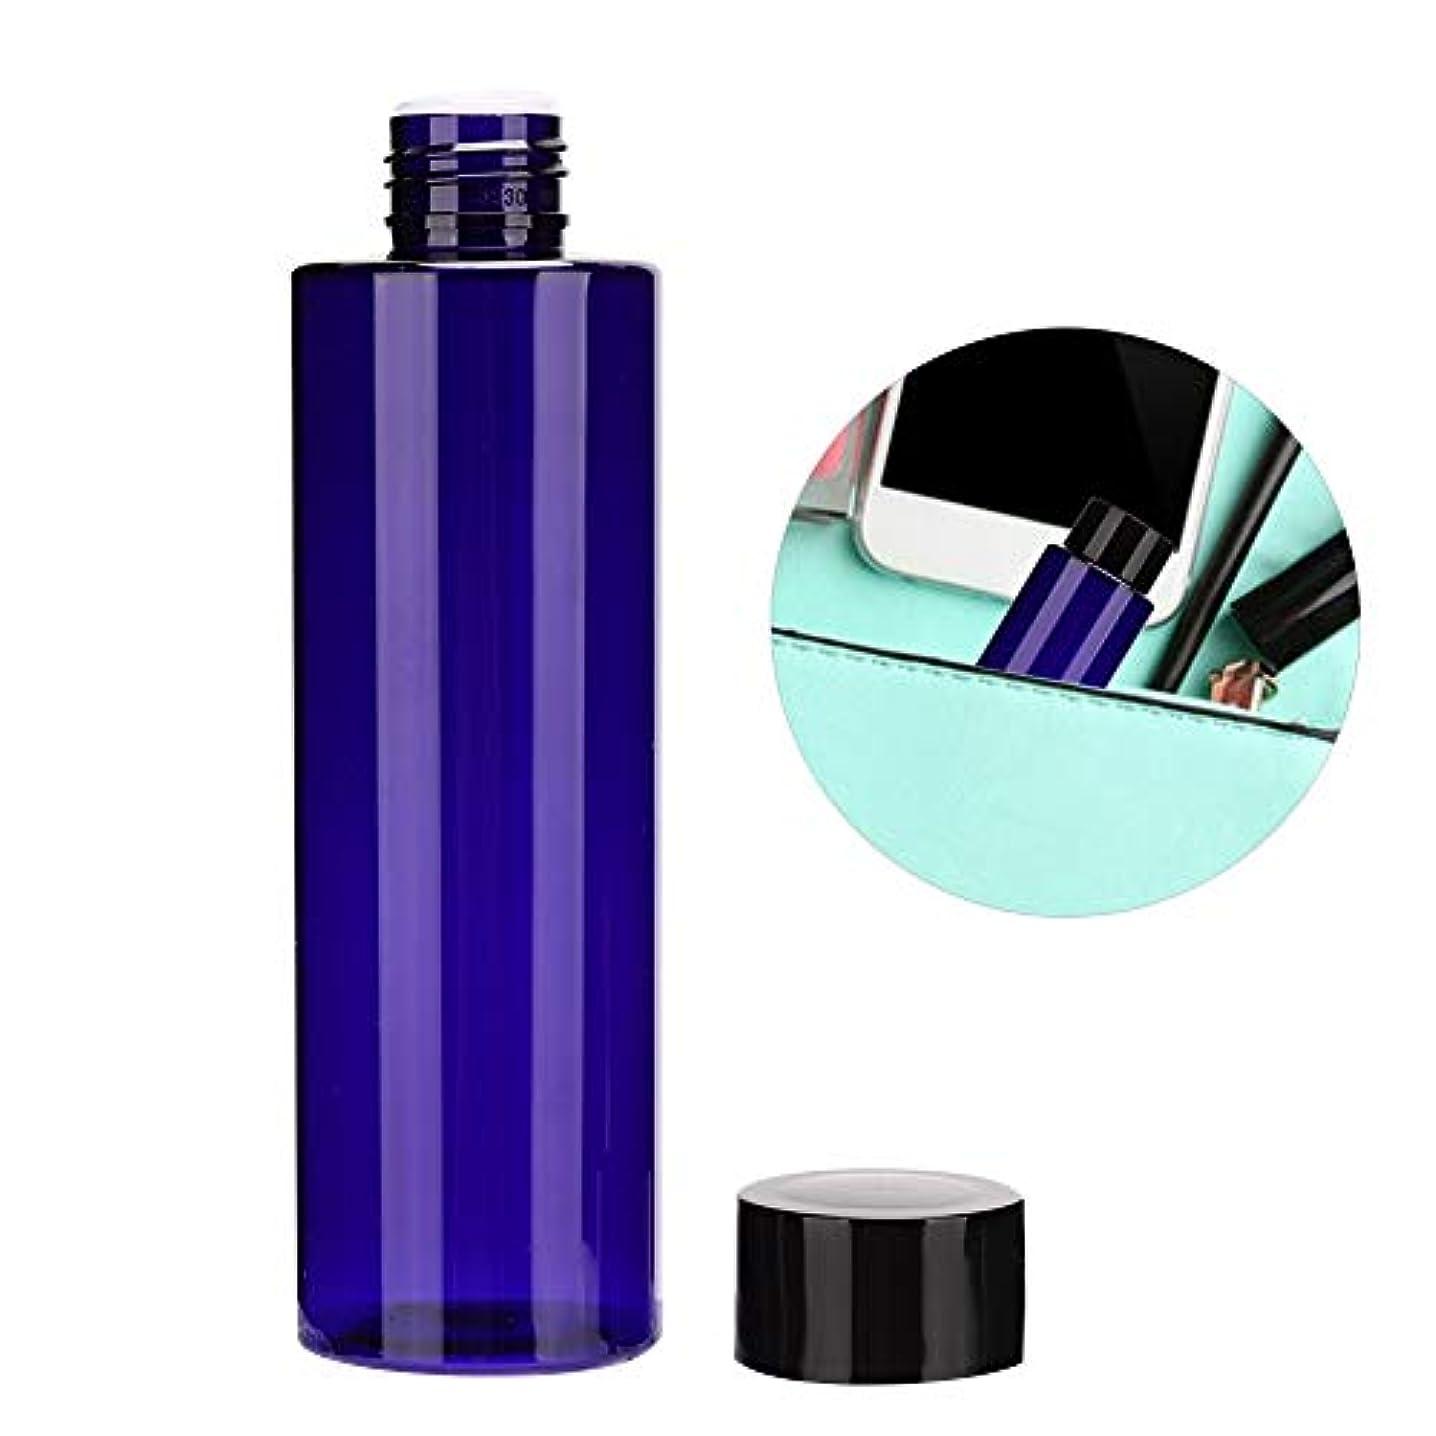 半島カラス黙認する200ML PET 詰め替え 可能な空 液体ボトルローション スキンケア 製品 空の化粧品 トナーコンテナボトル